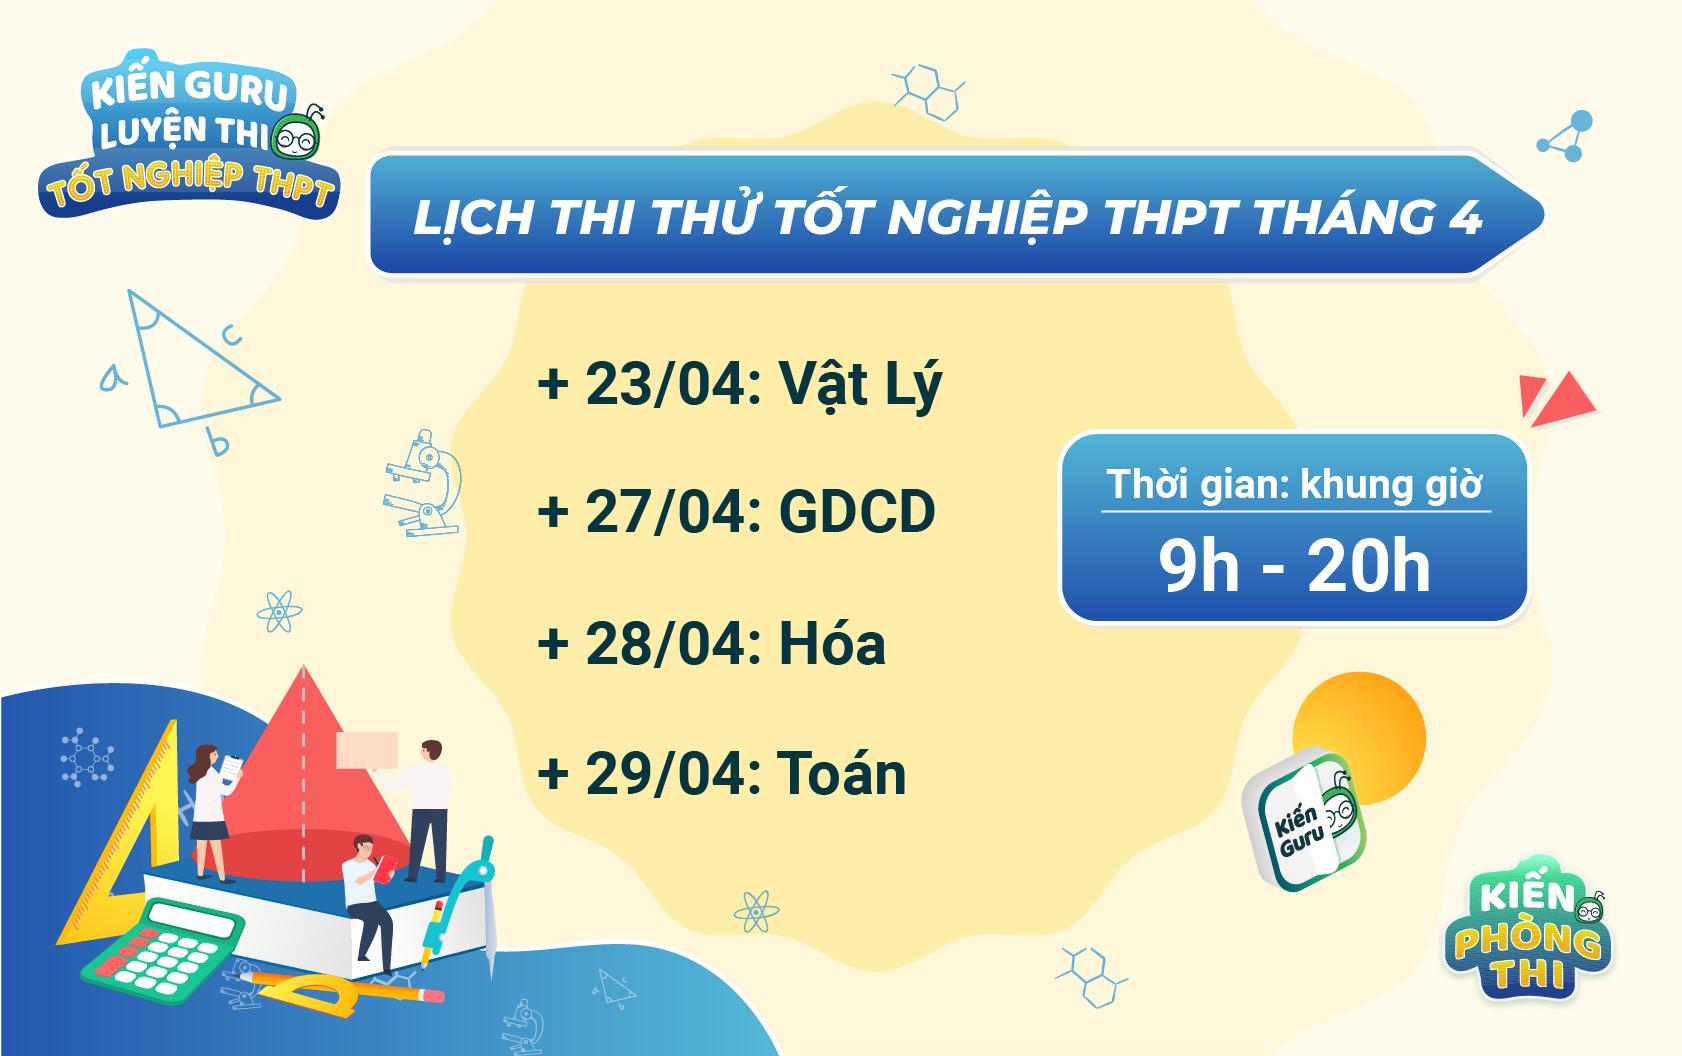 lich-thi-thu-tot-nghiep-THPT